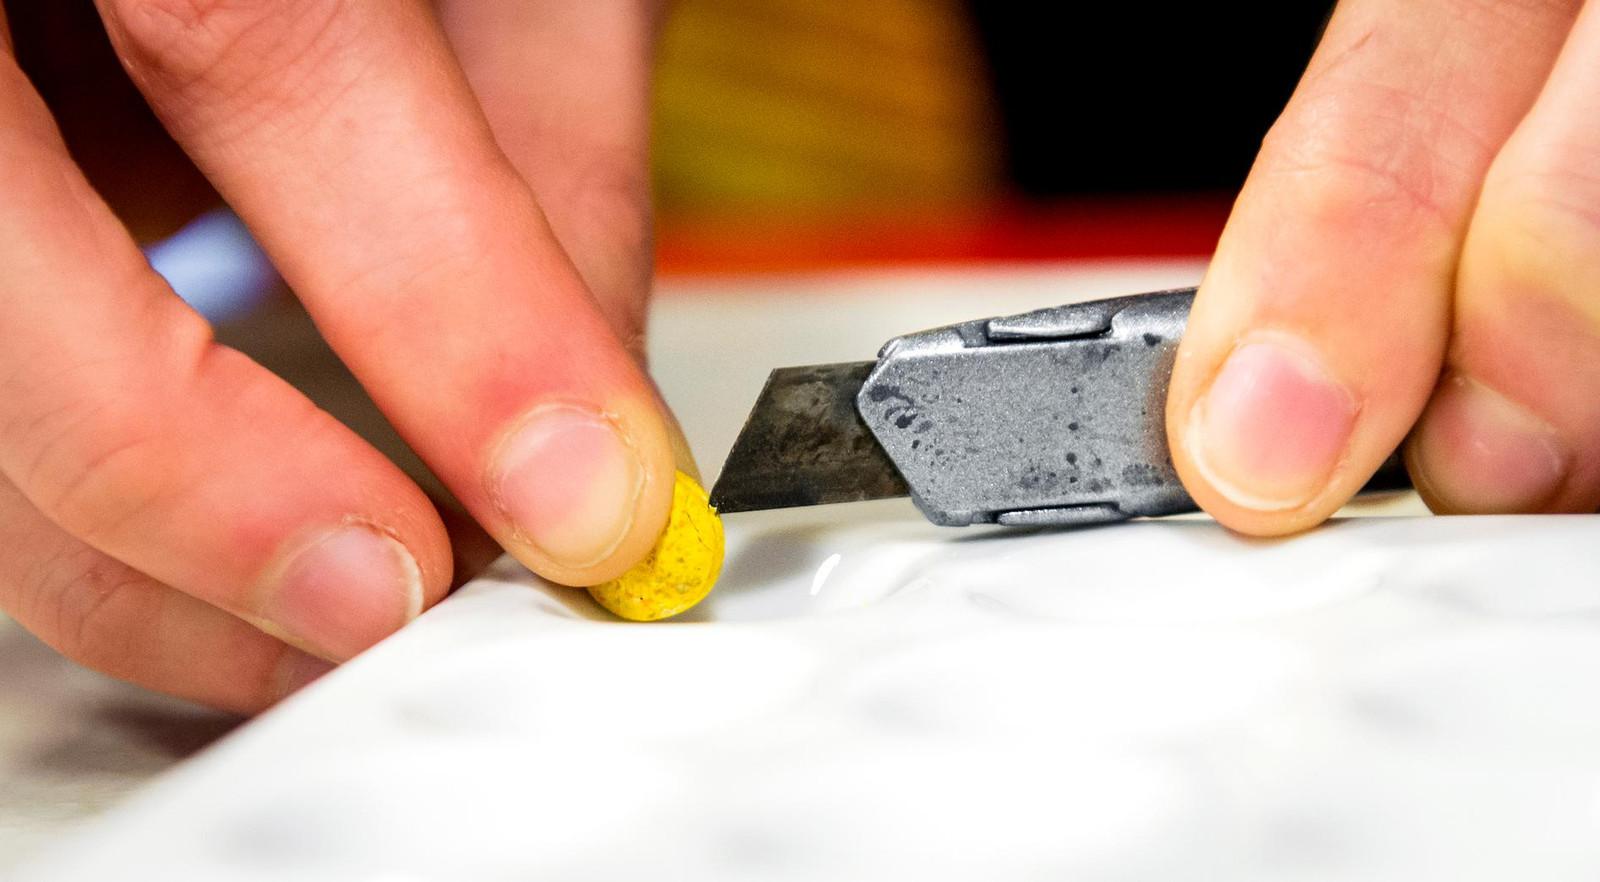 Het testen van xtc is belangrijk om te kunnen waarschuwen als extreem gevaarlijke pillen opduiken.